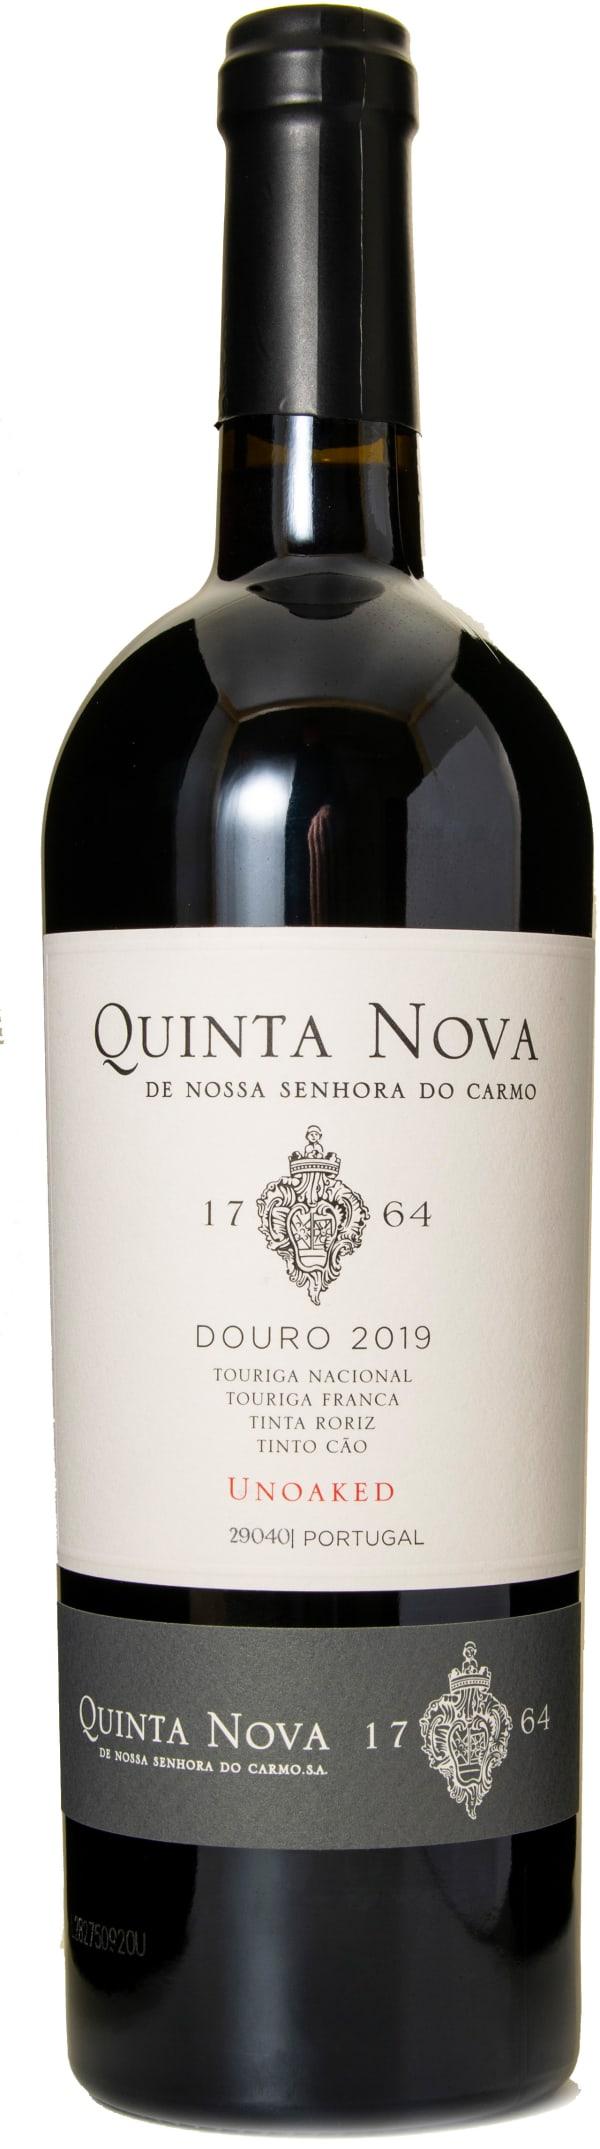 Quinta Nova Unoaked 2017